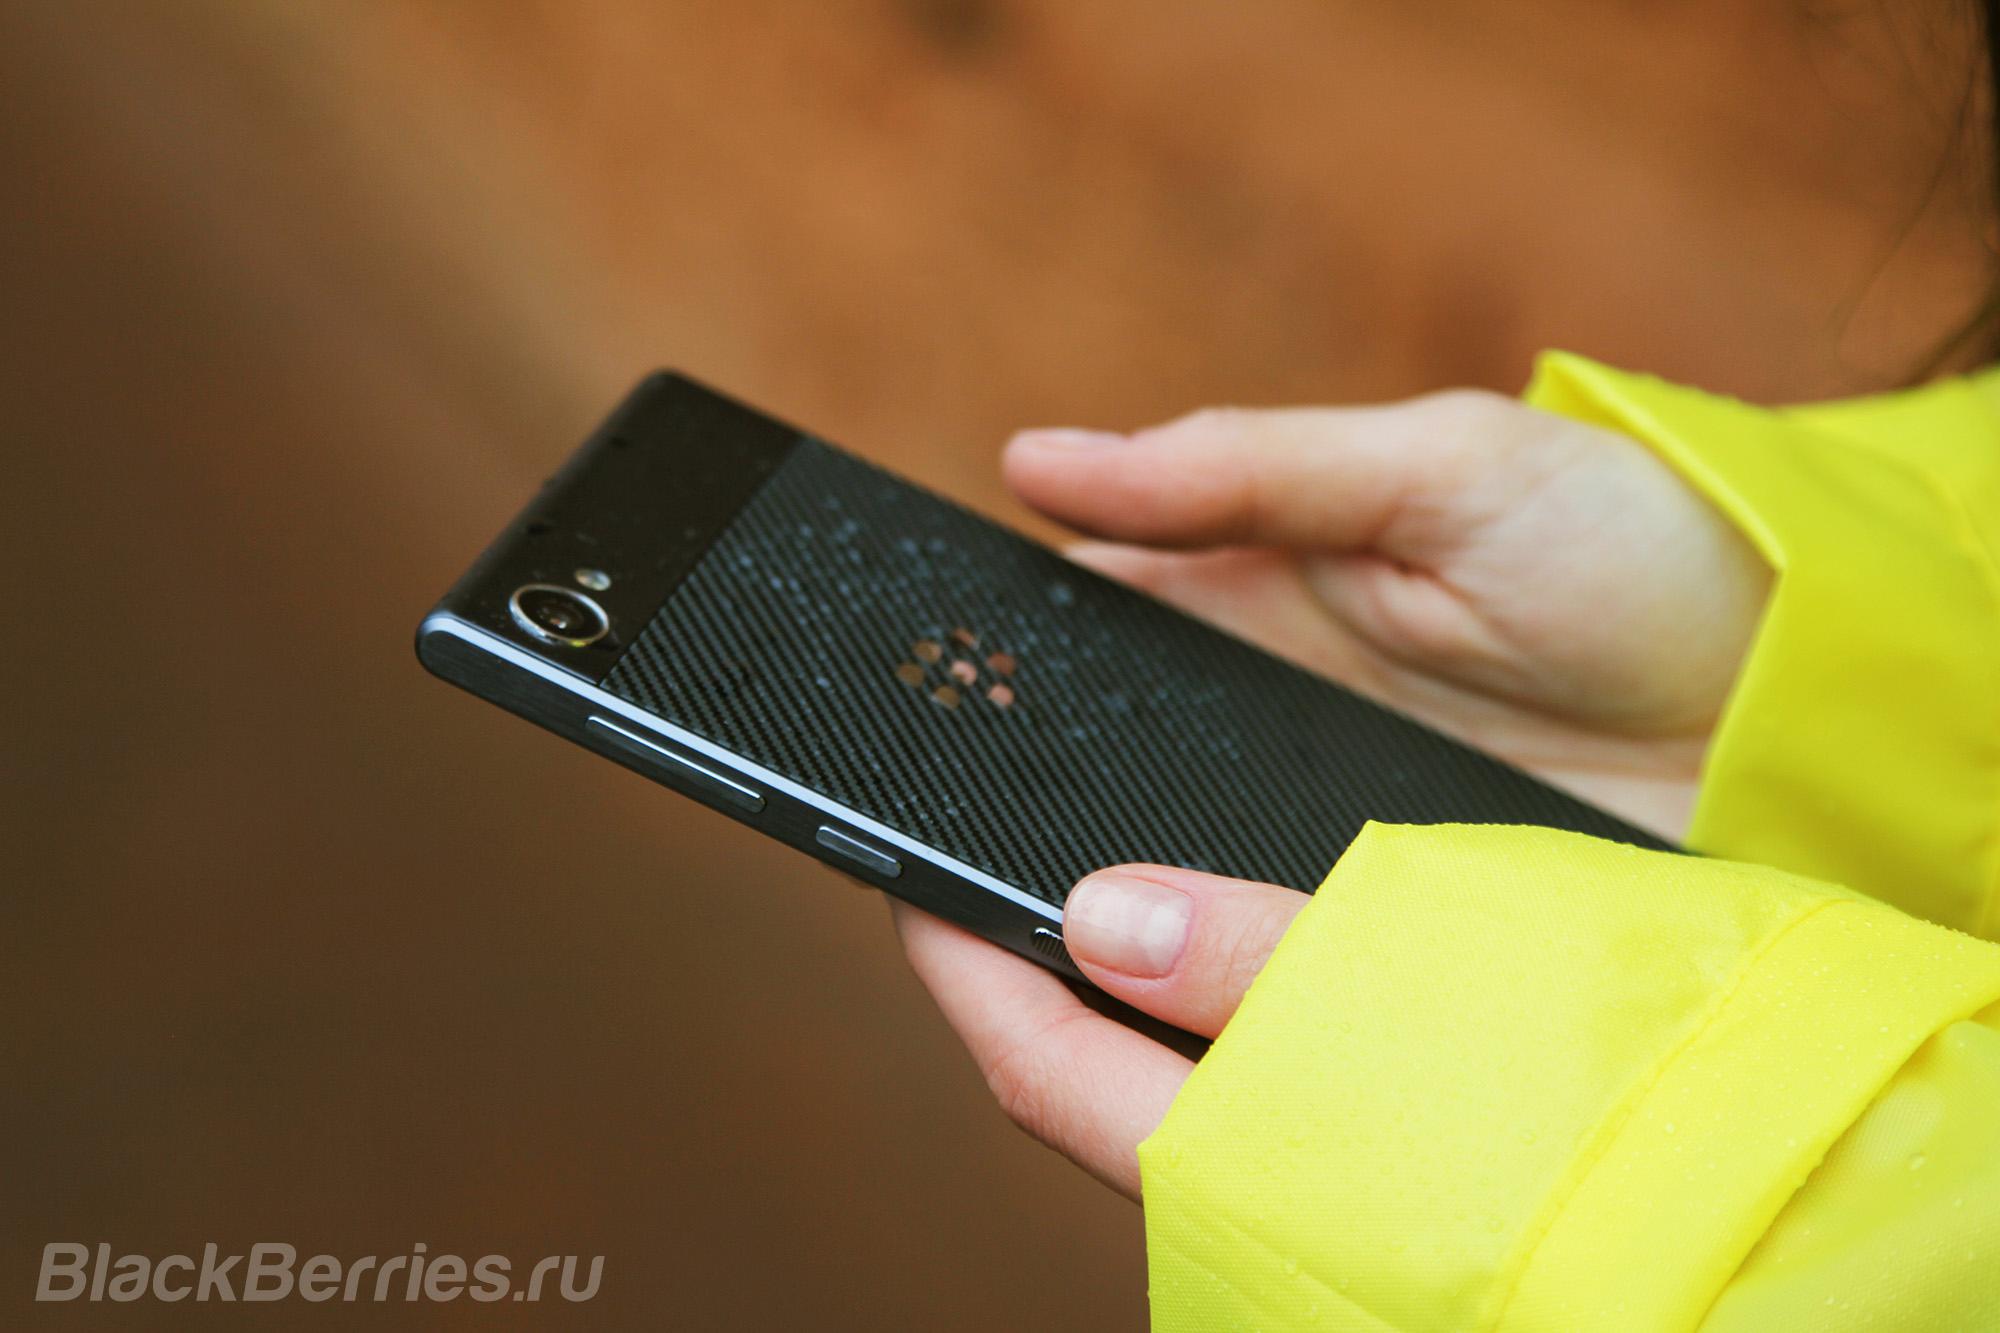 Защита камеры жесткая spark видео обзор зарядка от usb mavic air по дешевке